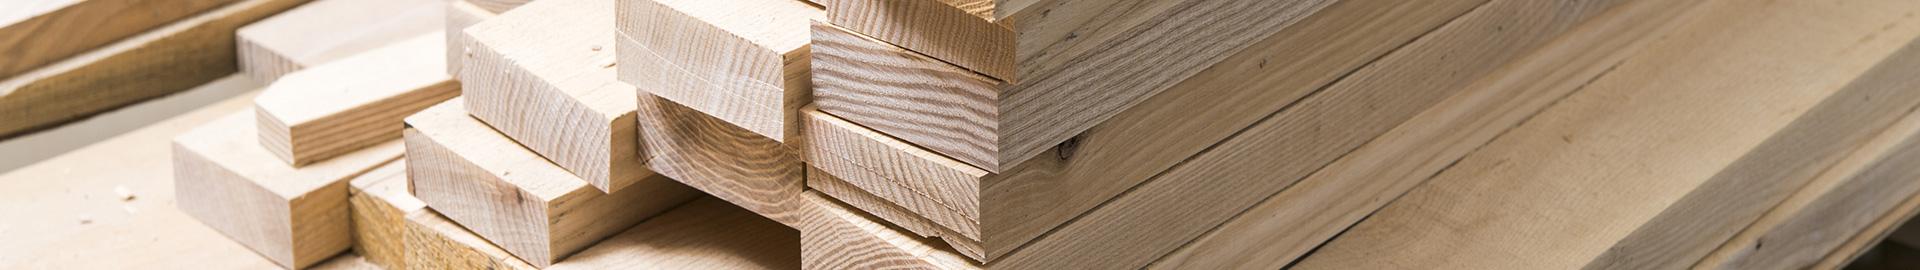 Біозахисний імпрегнат для деревини